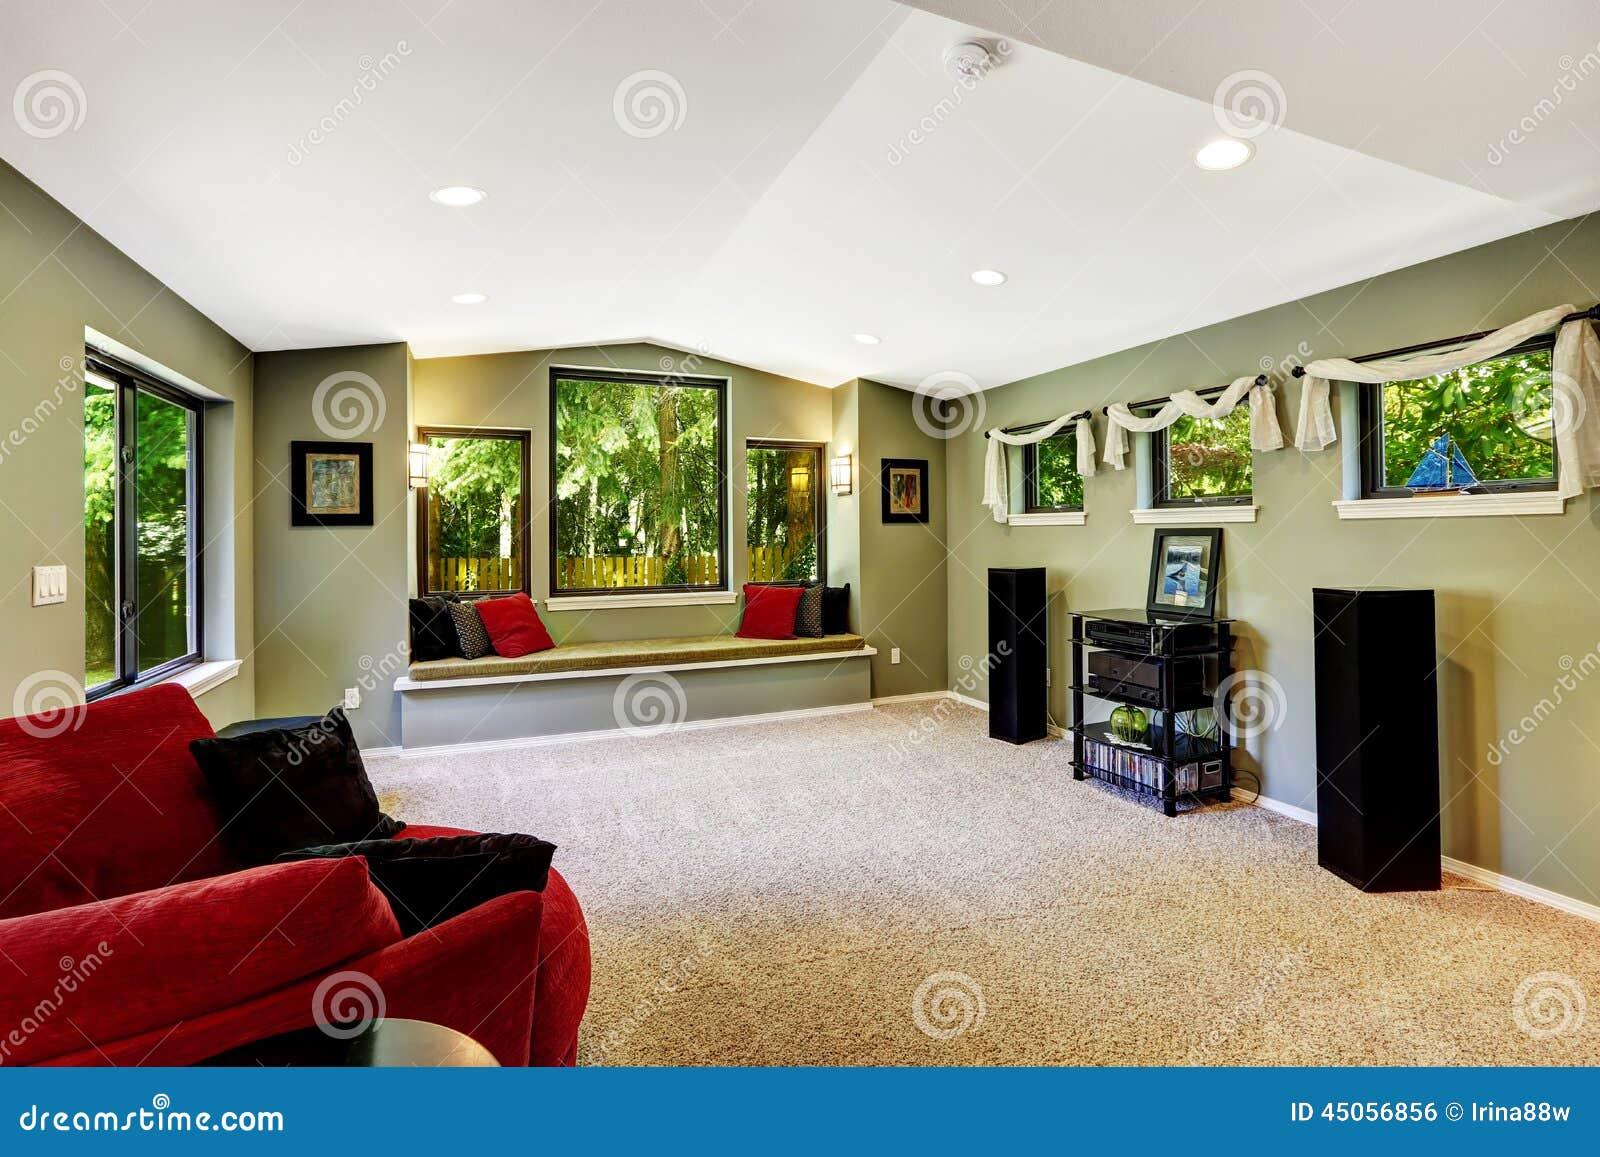 Vardagsrum I Gron Farg Med Sammantradebanken Arkivfoto Bild Av Amerikansk Brigham 45056856